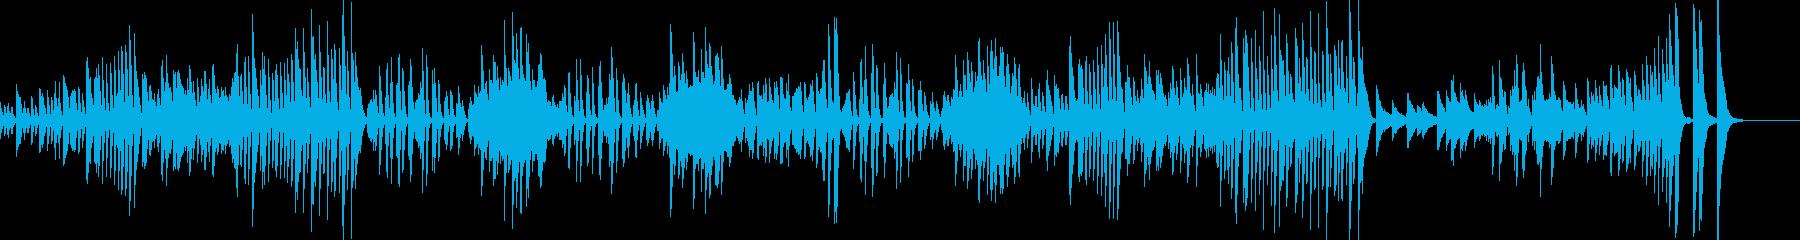 ピアノ連弾 ドリー 「ミアウ」/フォーレの再生済みの波形